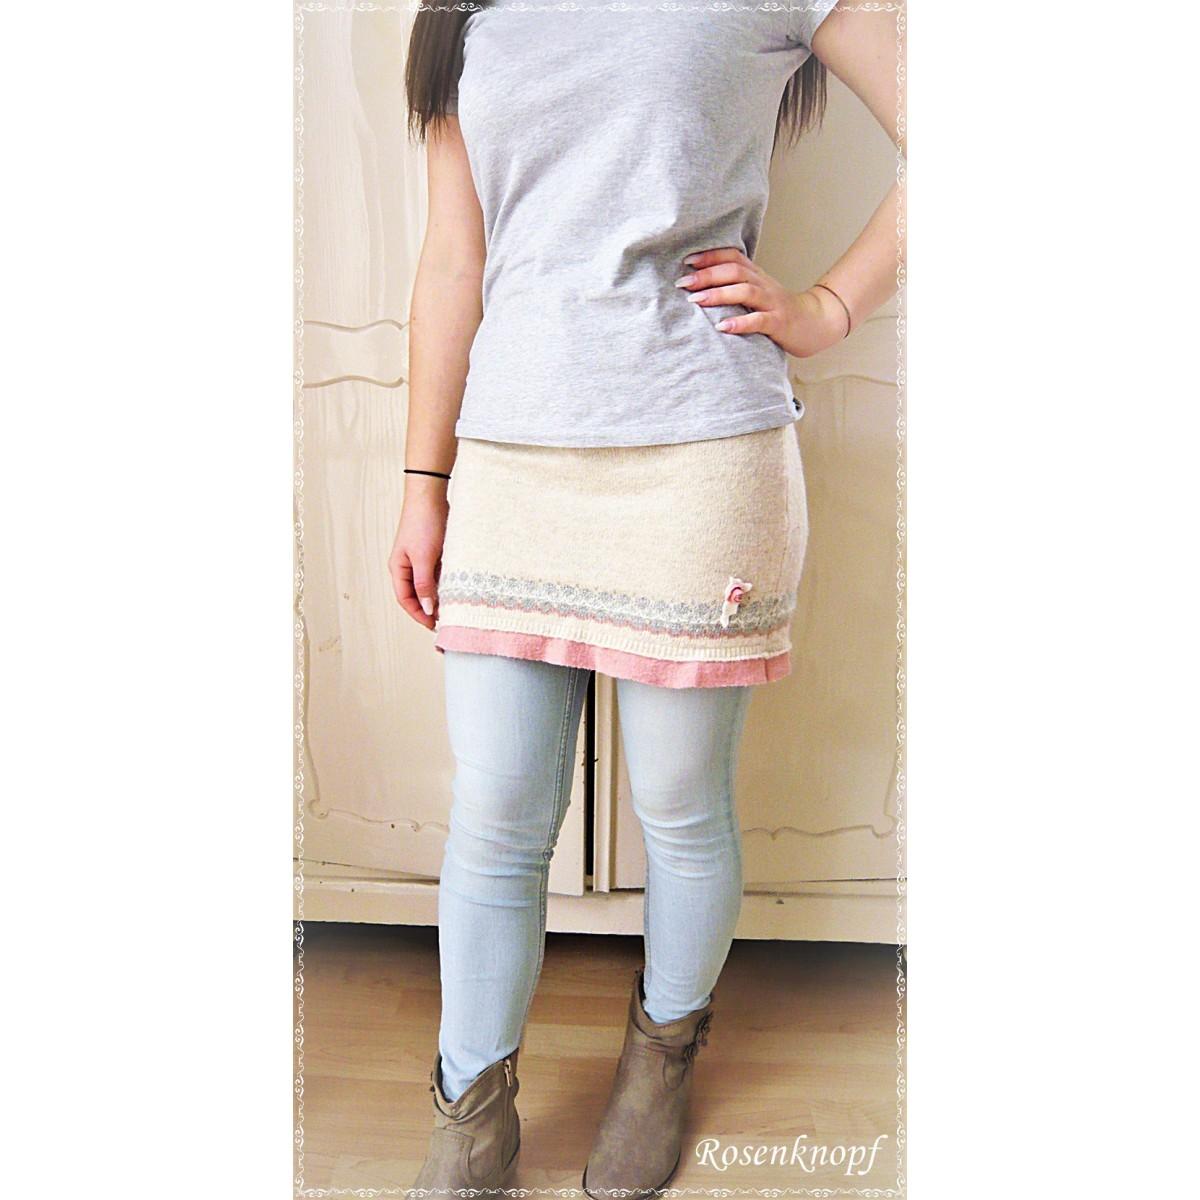 40b121f6b8f8c ... KLEID Strickkleid Frauenkleid Einzelstück UNIKAT Größe 34/36 Upcycling  Ivory Rosa Spitze Rose Walk Kunstleder ...